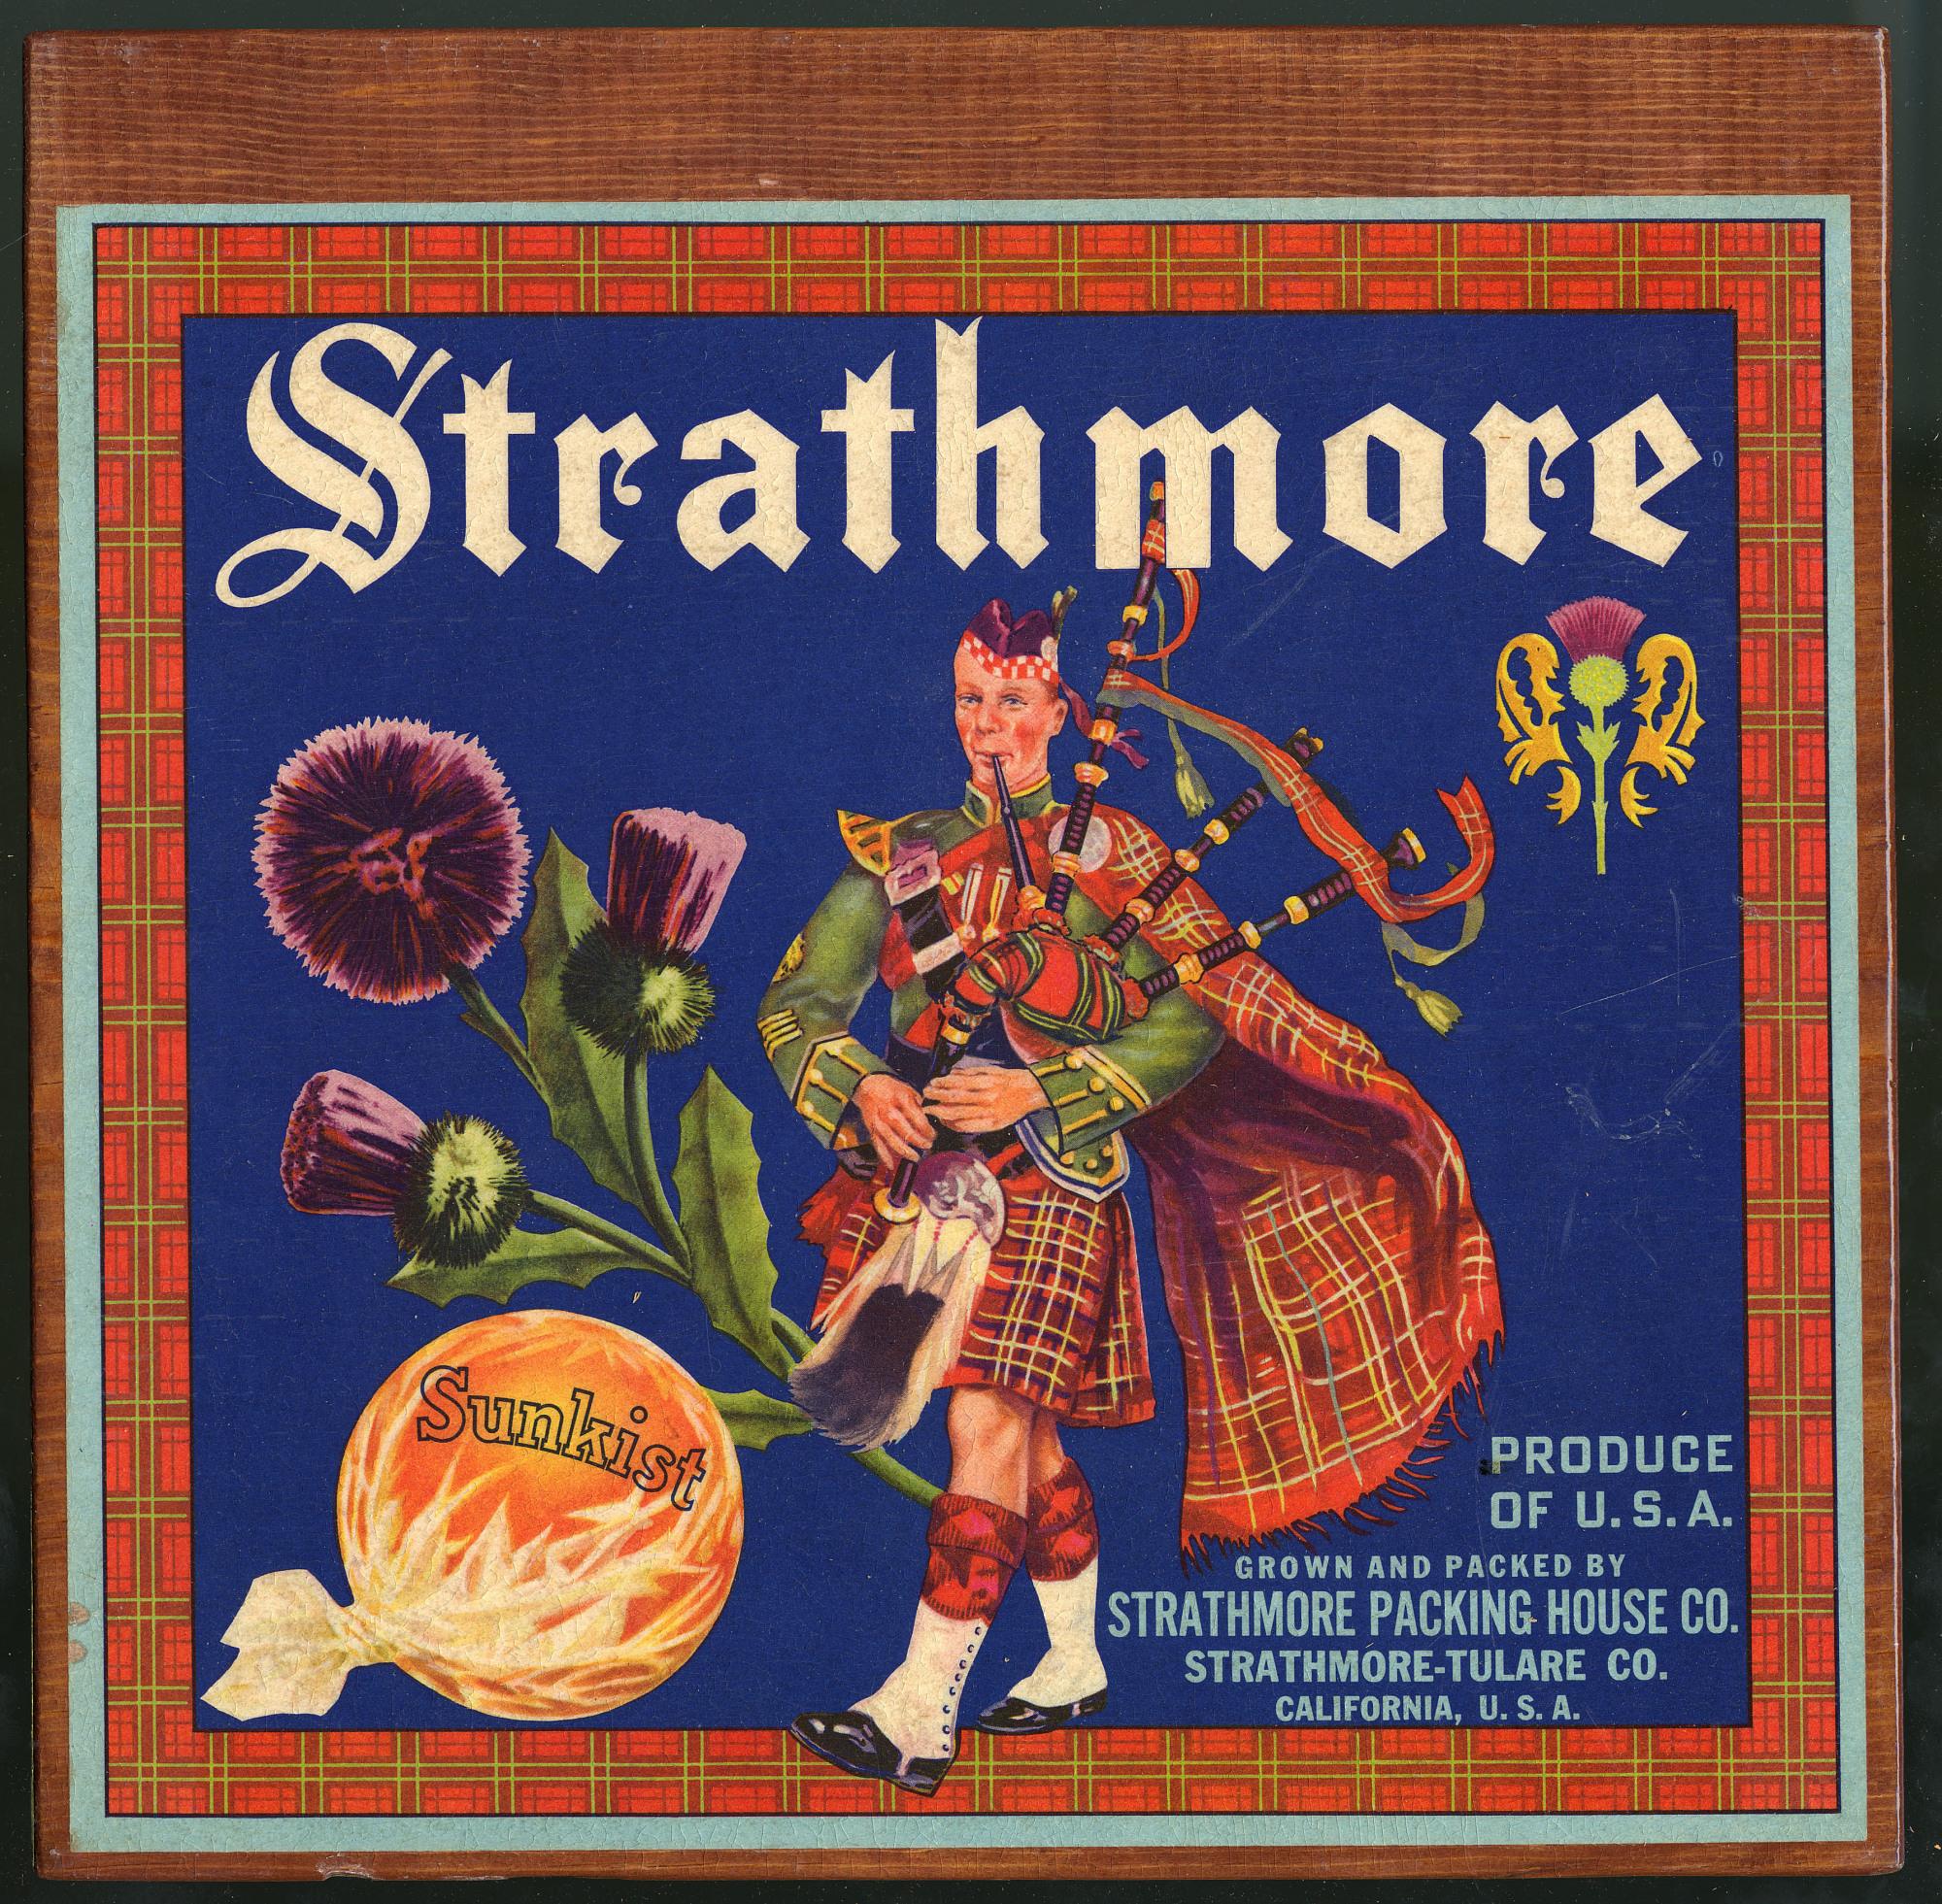 Strathmore Oranges Crate Label, 1910s